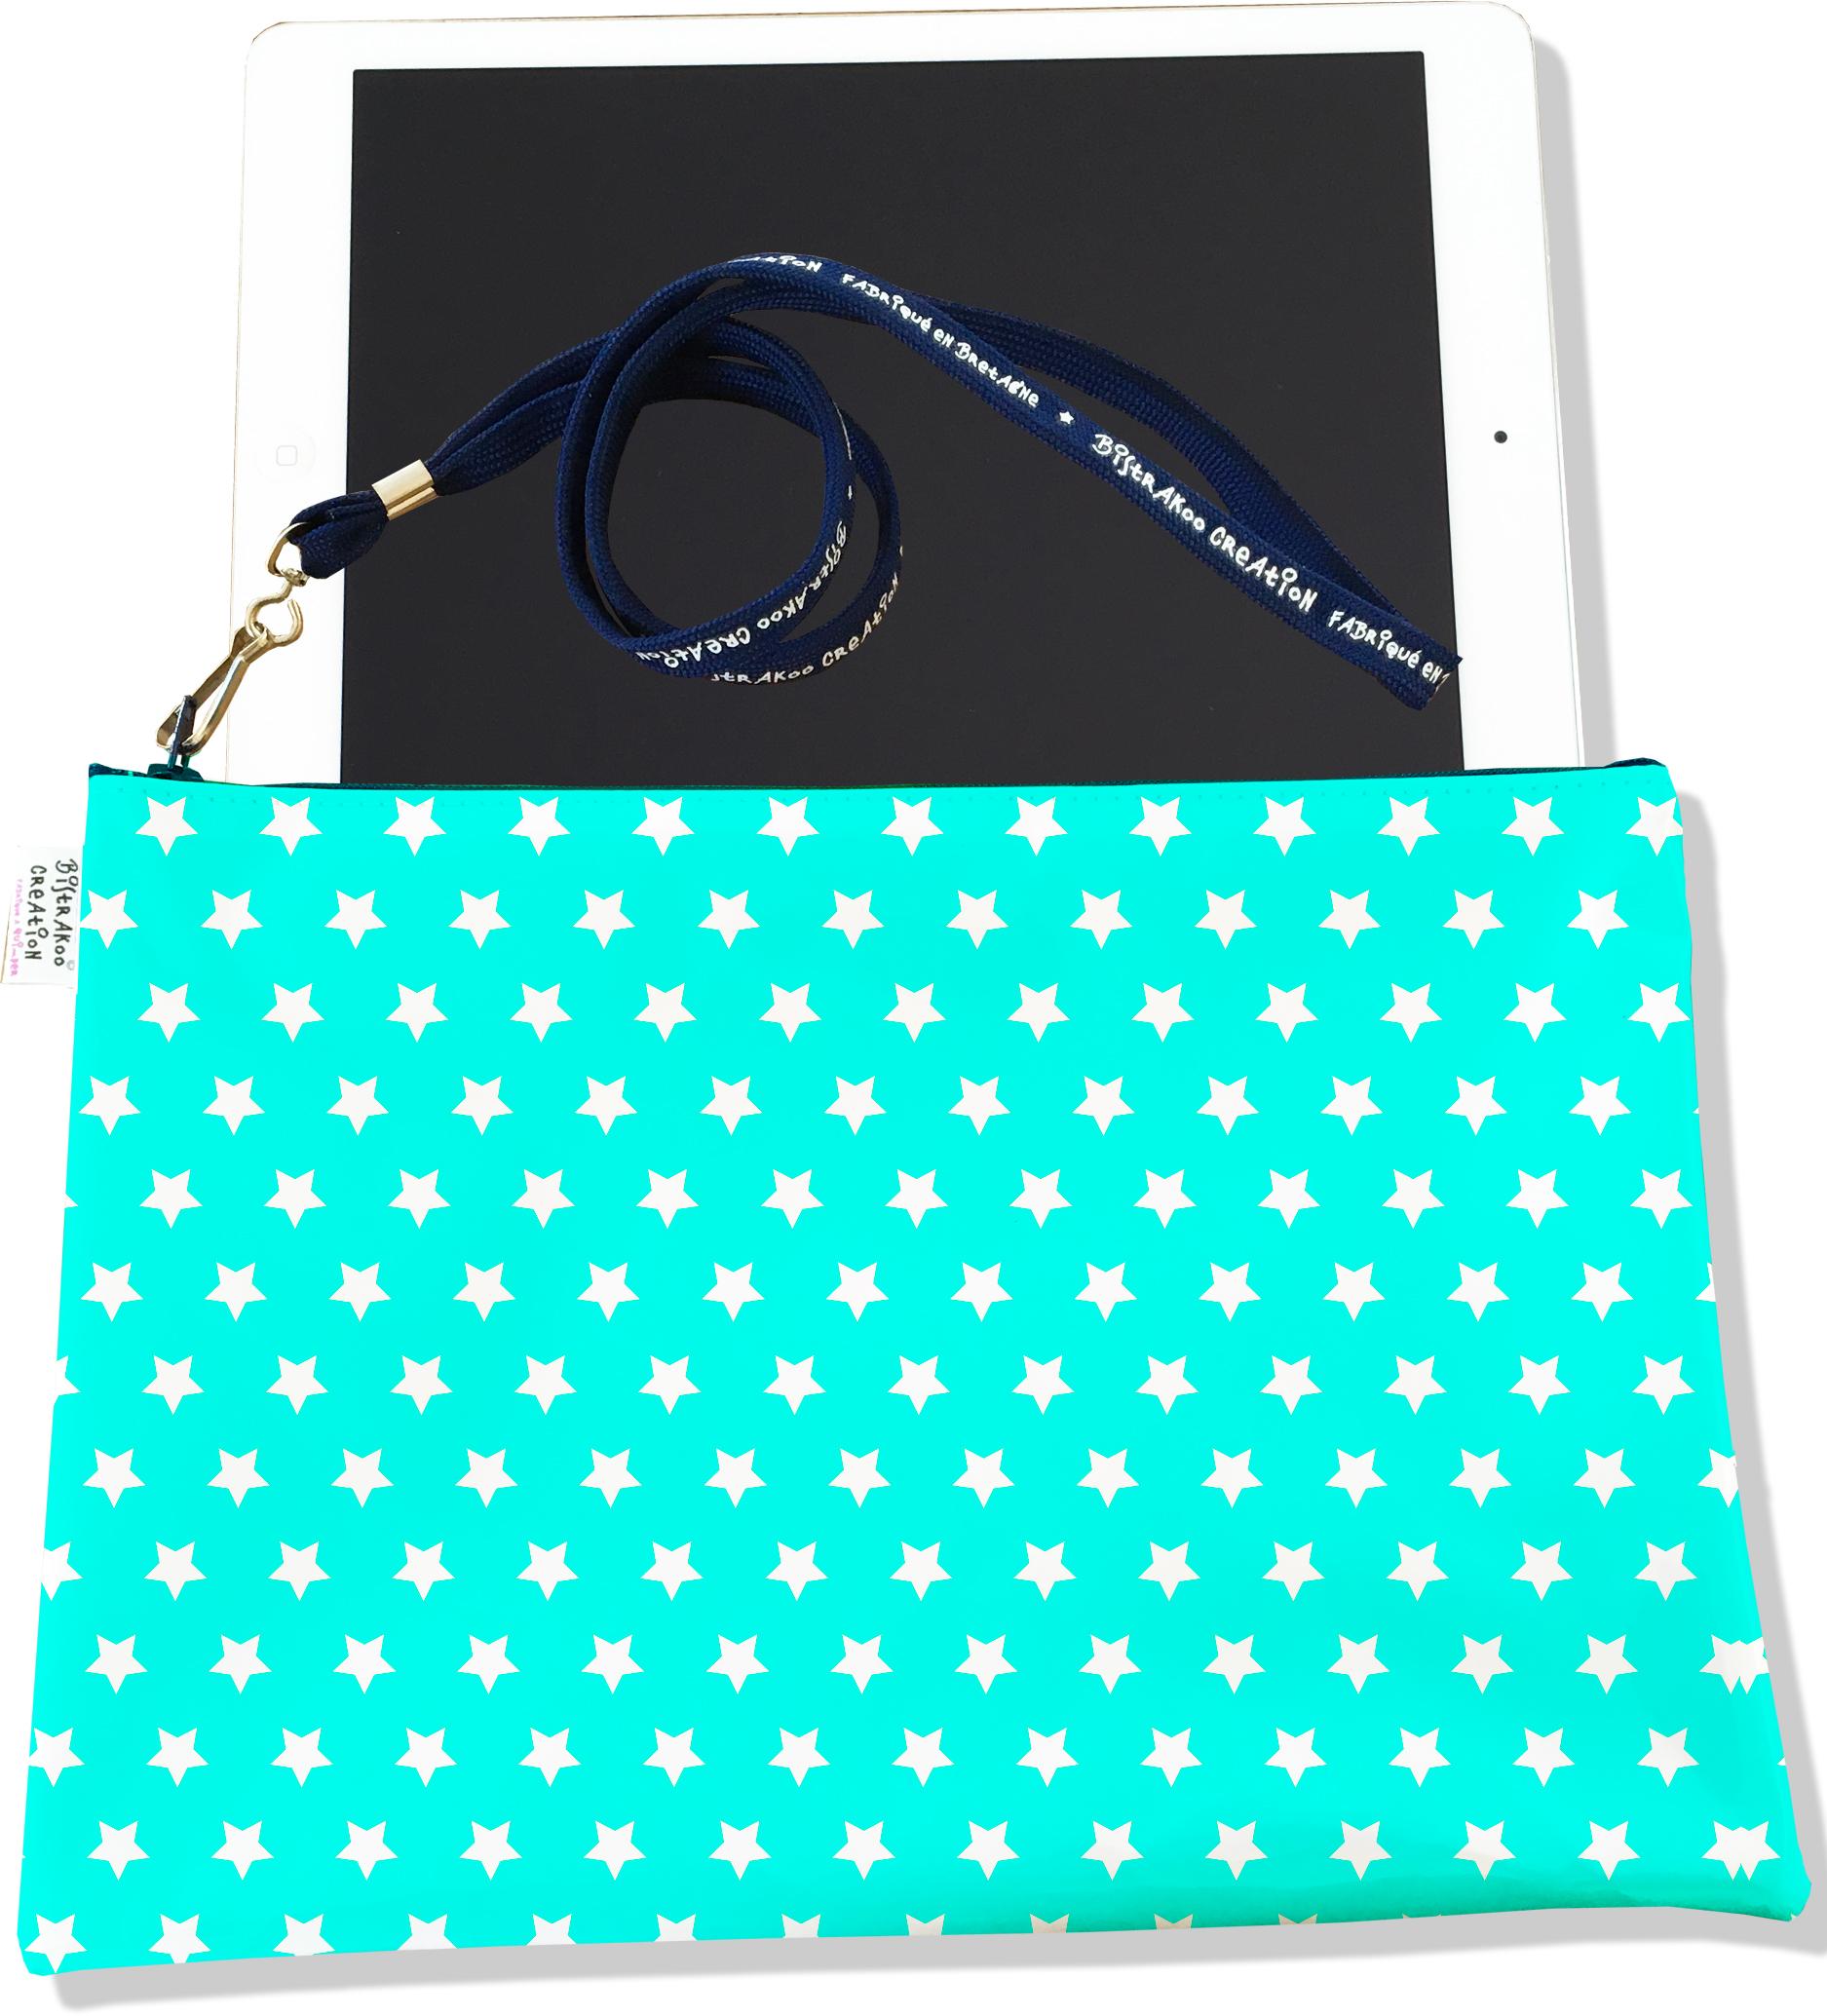 Housse pour tablette pour femme motif Etoiles blanches fond bleu 2007